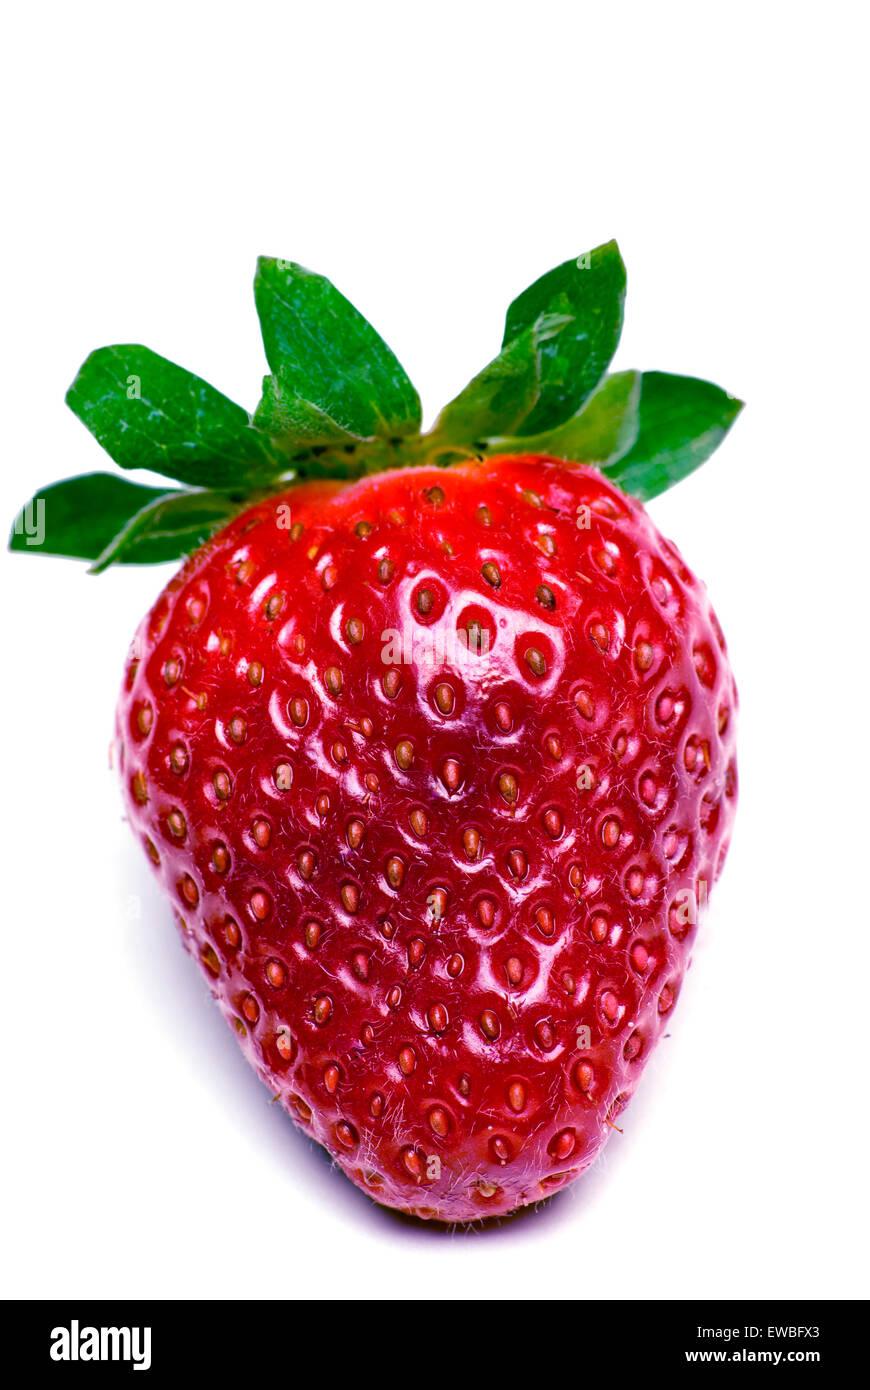 Das perfekte Erdbeere Makro erschossen auf weißem Hintergrund. Stockbild